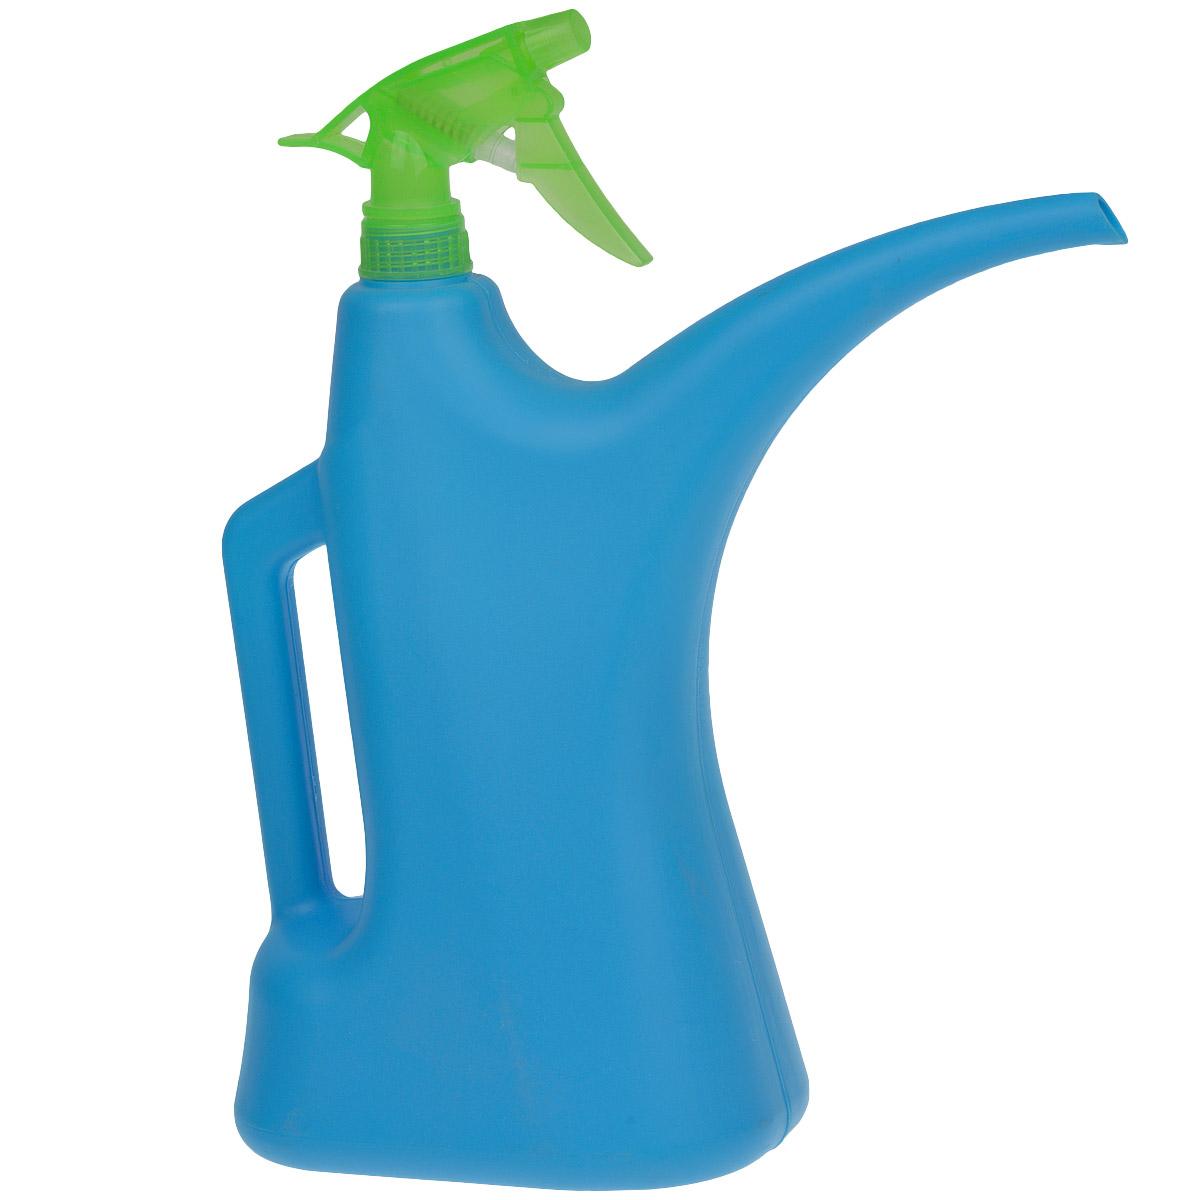 Лейка-распылитель Альтернатива, цвет: синий, зеленый, 2 лM276Лейка-распылитель Альтернатива предназначена для полива насаждений на приусадебном участке или комнатных растений дома. Она выполнена из пластика и имеет небольшую массу, что позволяет экономить силы при поливе. Удобство в использовании также обеспечивается за счет эргономичной ручки лейки.